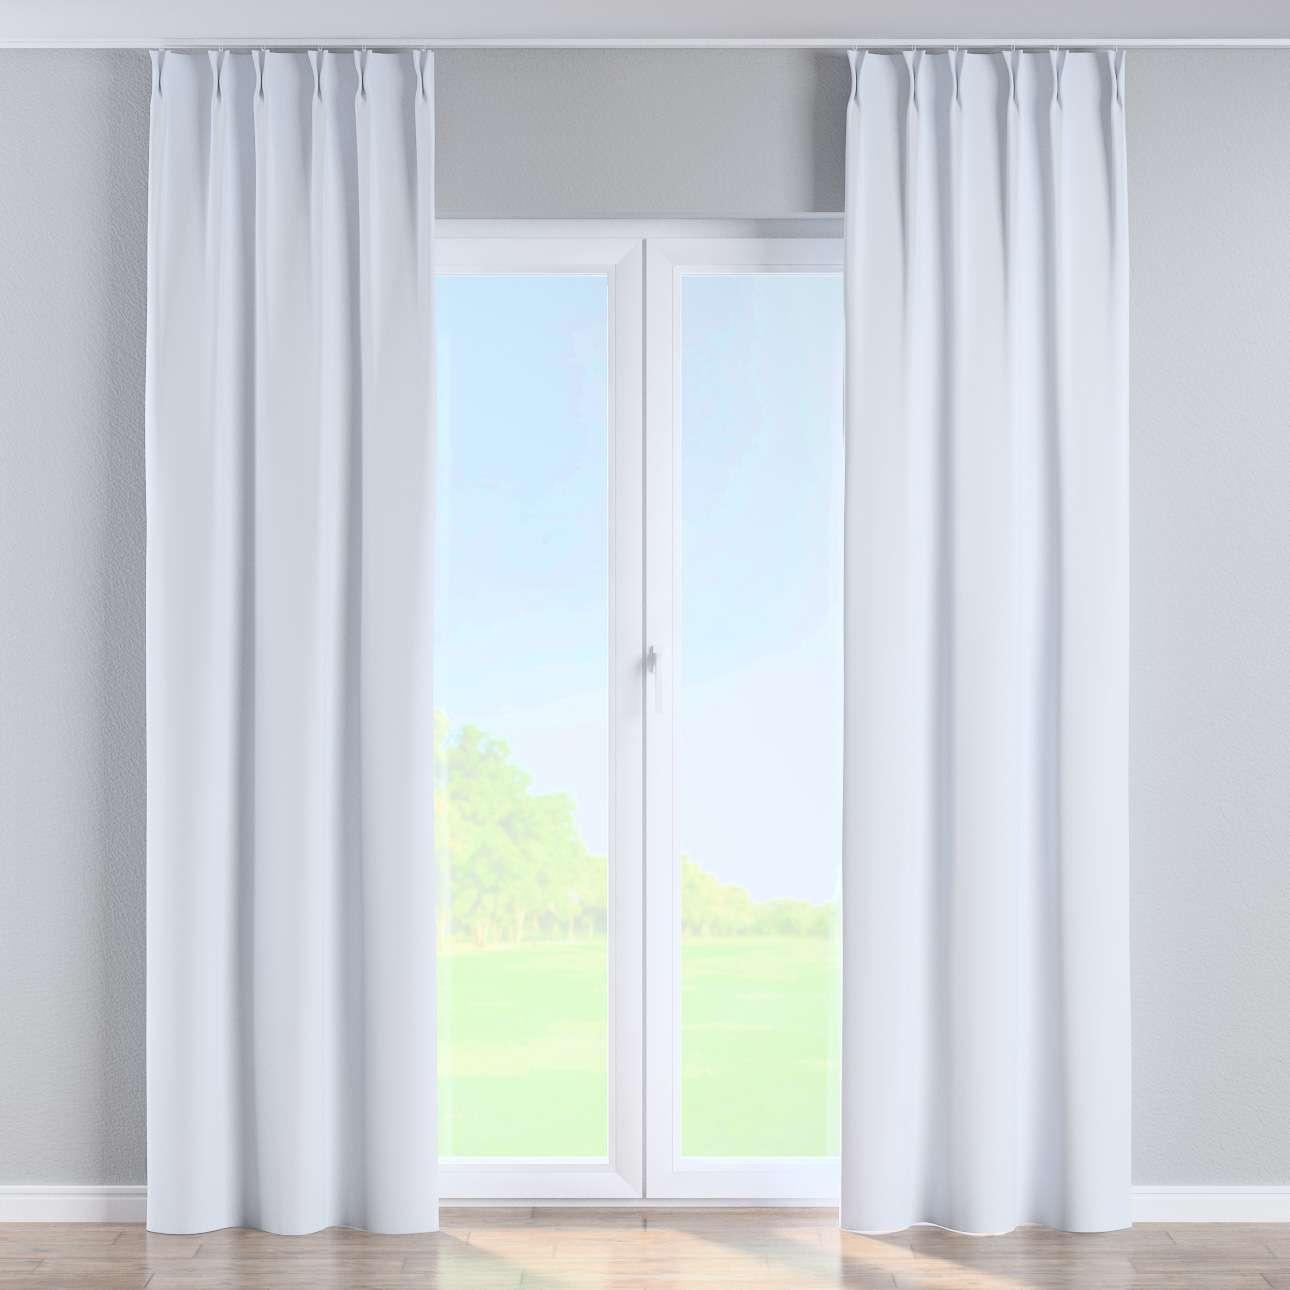 Vorhang mit flämischen Falten von der Kollektion Blackout (verdunkelnd), Stoff: 269-01